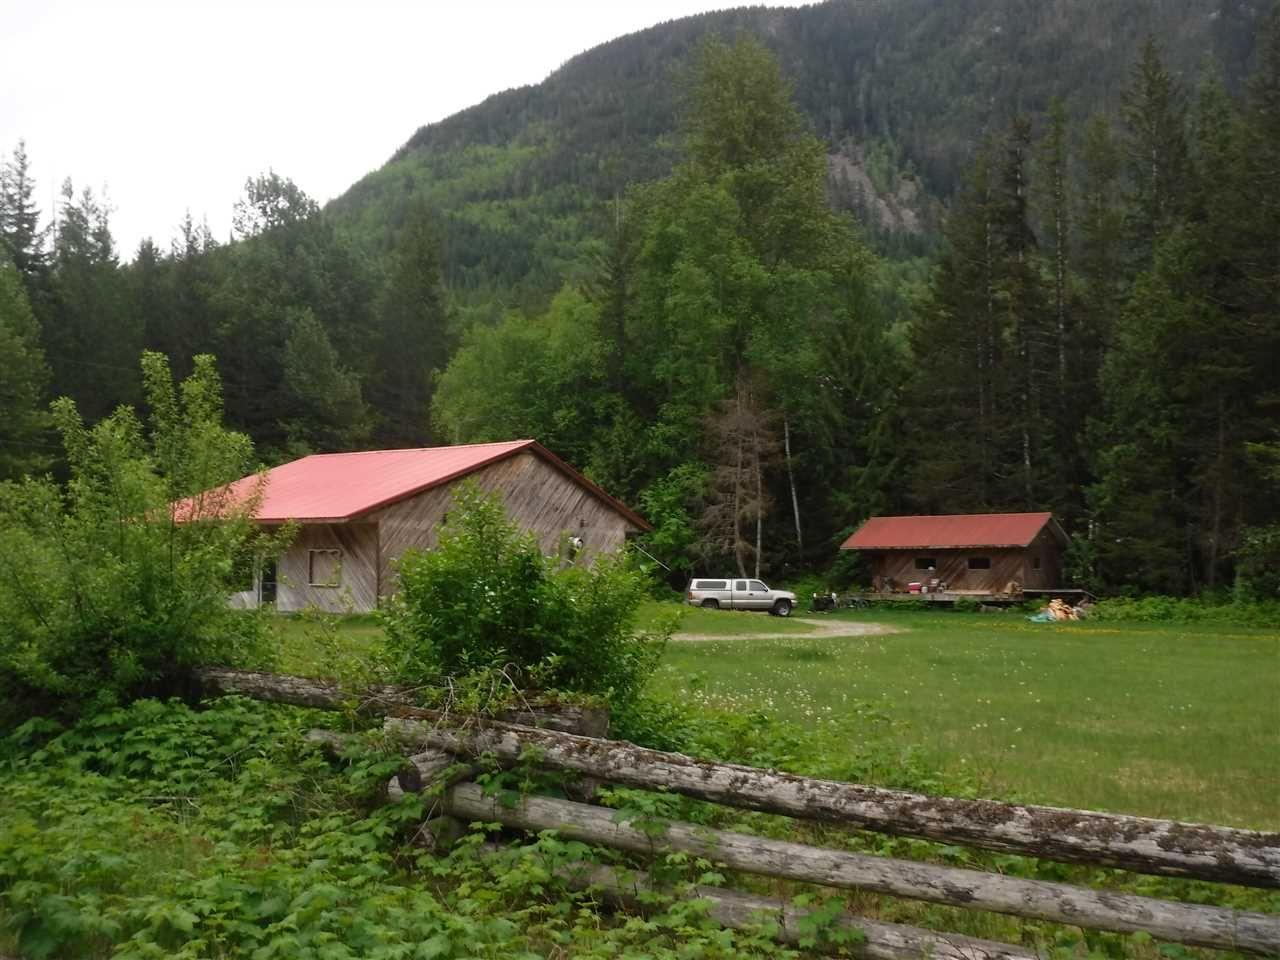 Main Photo: 2498 DOUGLAS Drive in Bella Coola: Bella Coola/Hagensborg House for sale (Williams Lake (Zone 27))  : MLS®# R2458254